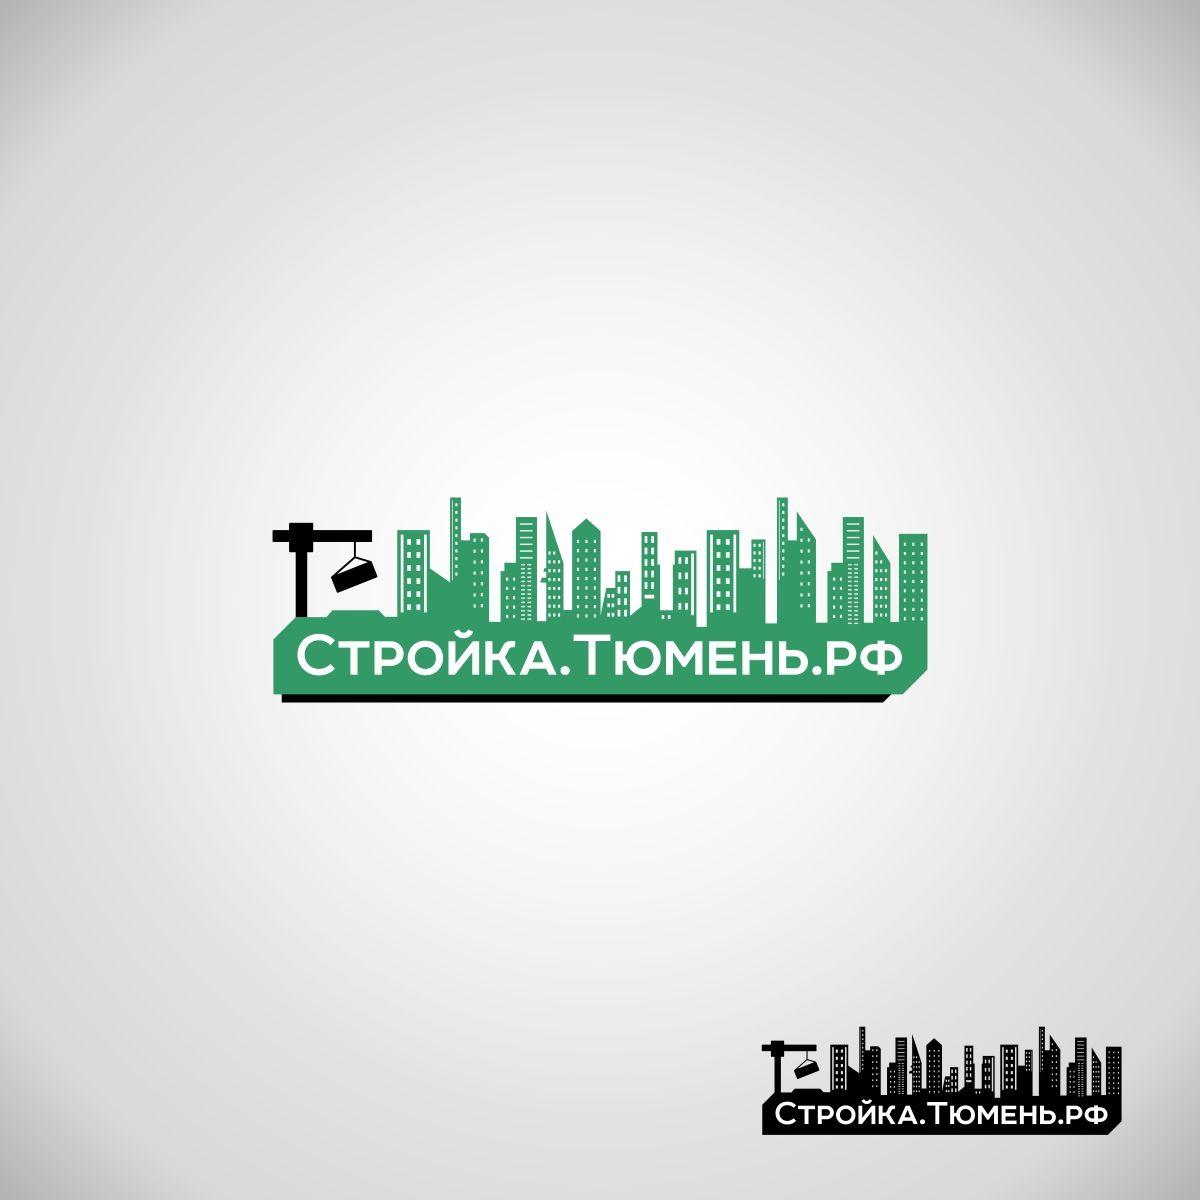 Логотип для строительного портала - дизайнер aleonov